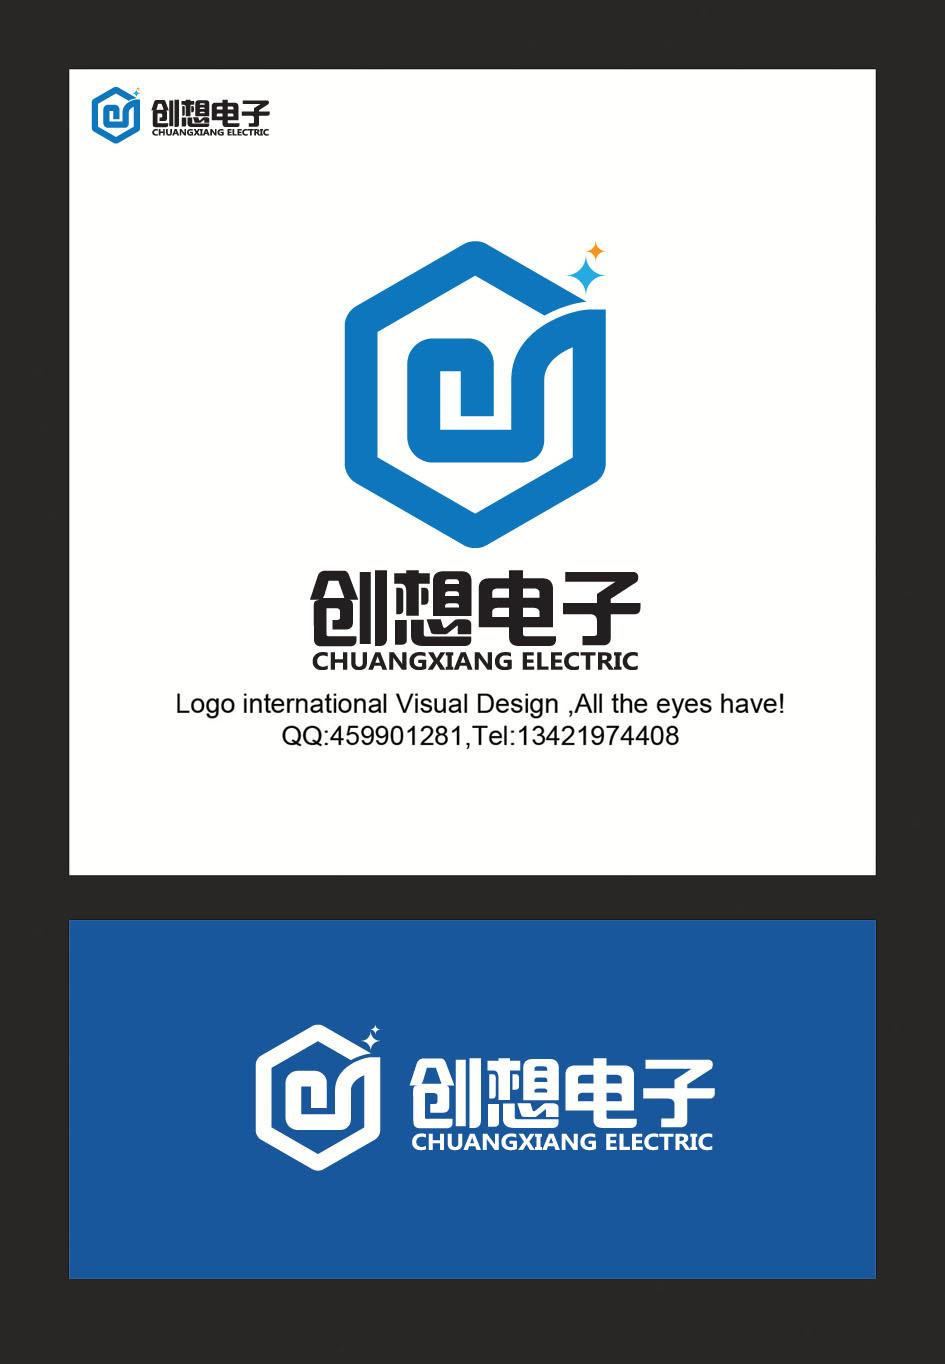 企业LOGO、名片设计_2935164_k68威客网